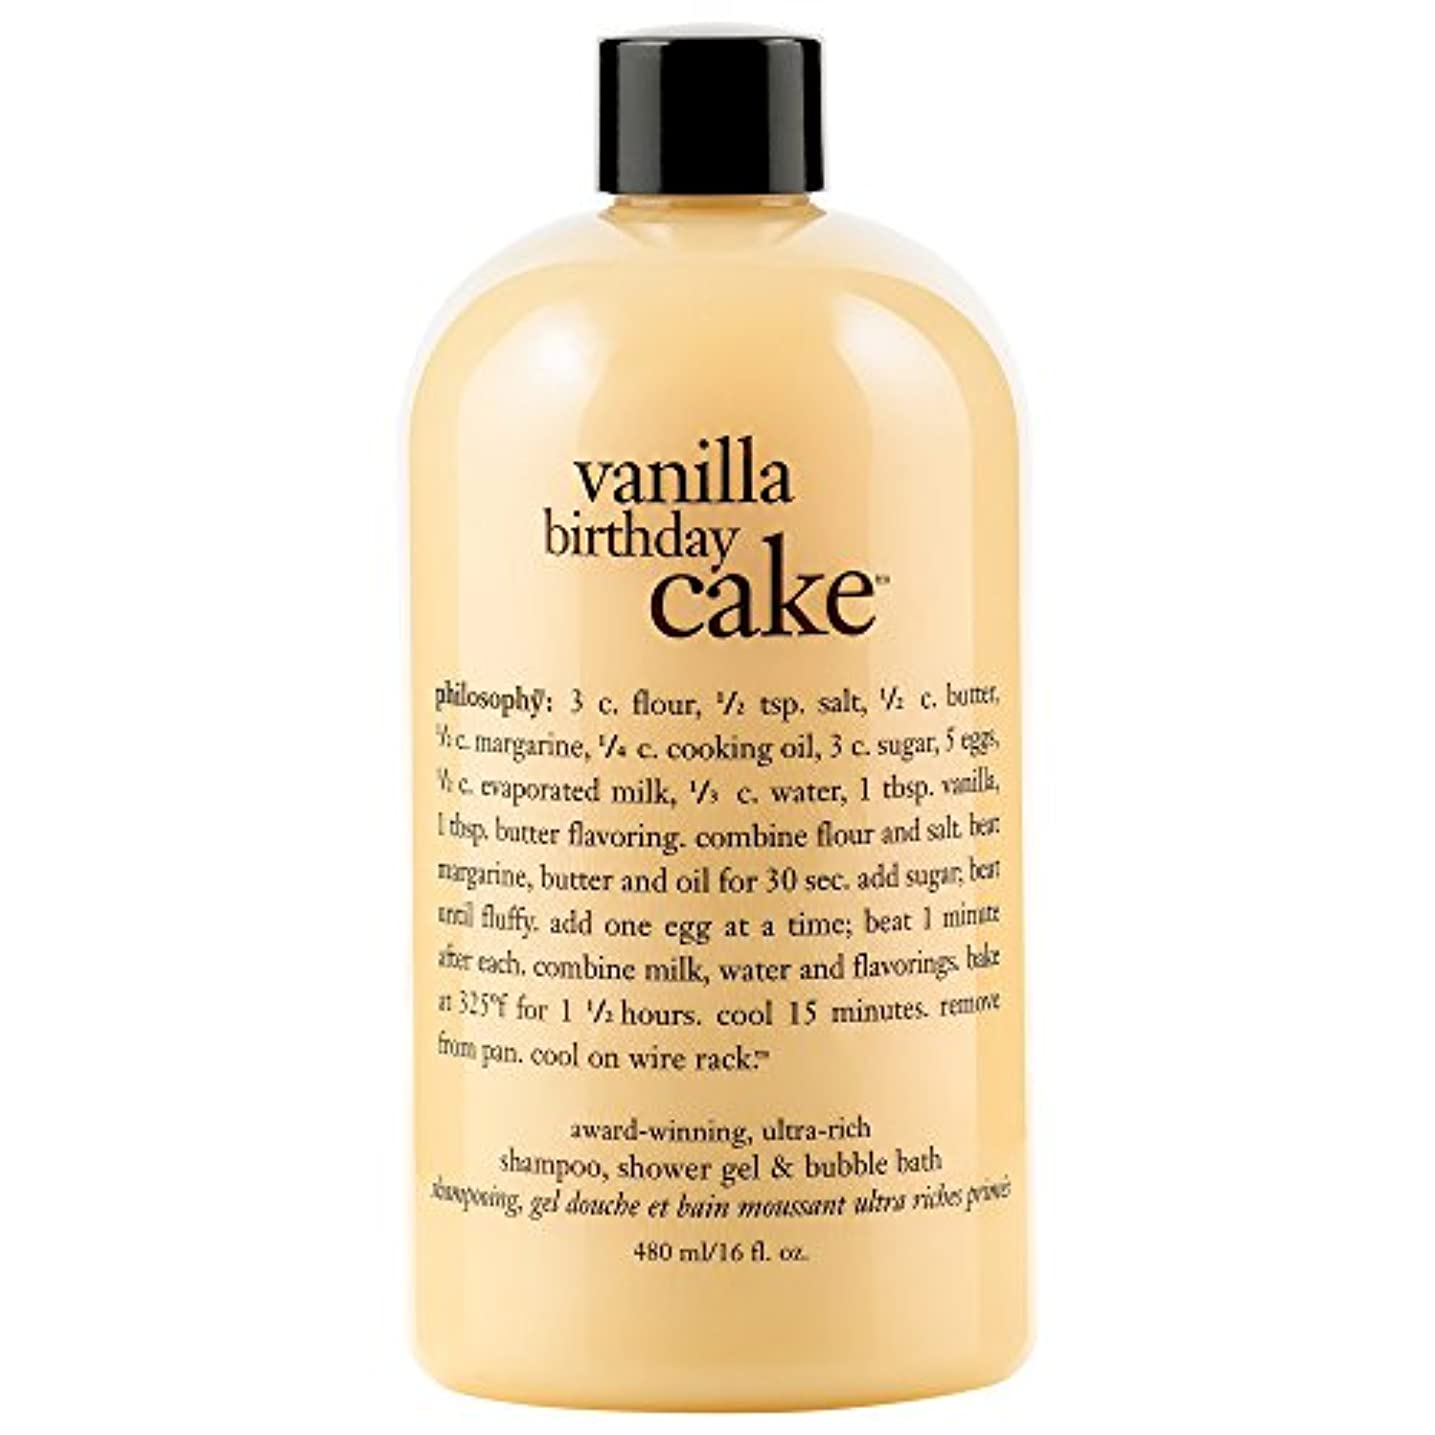 破産重くするマニアック哲学バニラバースデーケーキシャンプー/シャワージェル/バブルバス480ミリリットル (Philosophy) - Philosophy Vanilla Birthday Cake Shampoo/Shower Gel/Bubble Bath 480ml [並行輸入品]